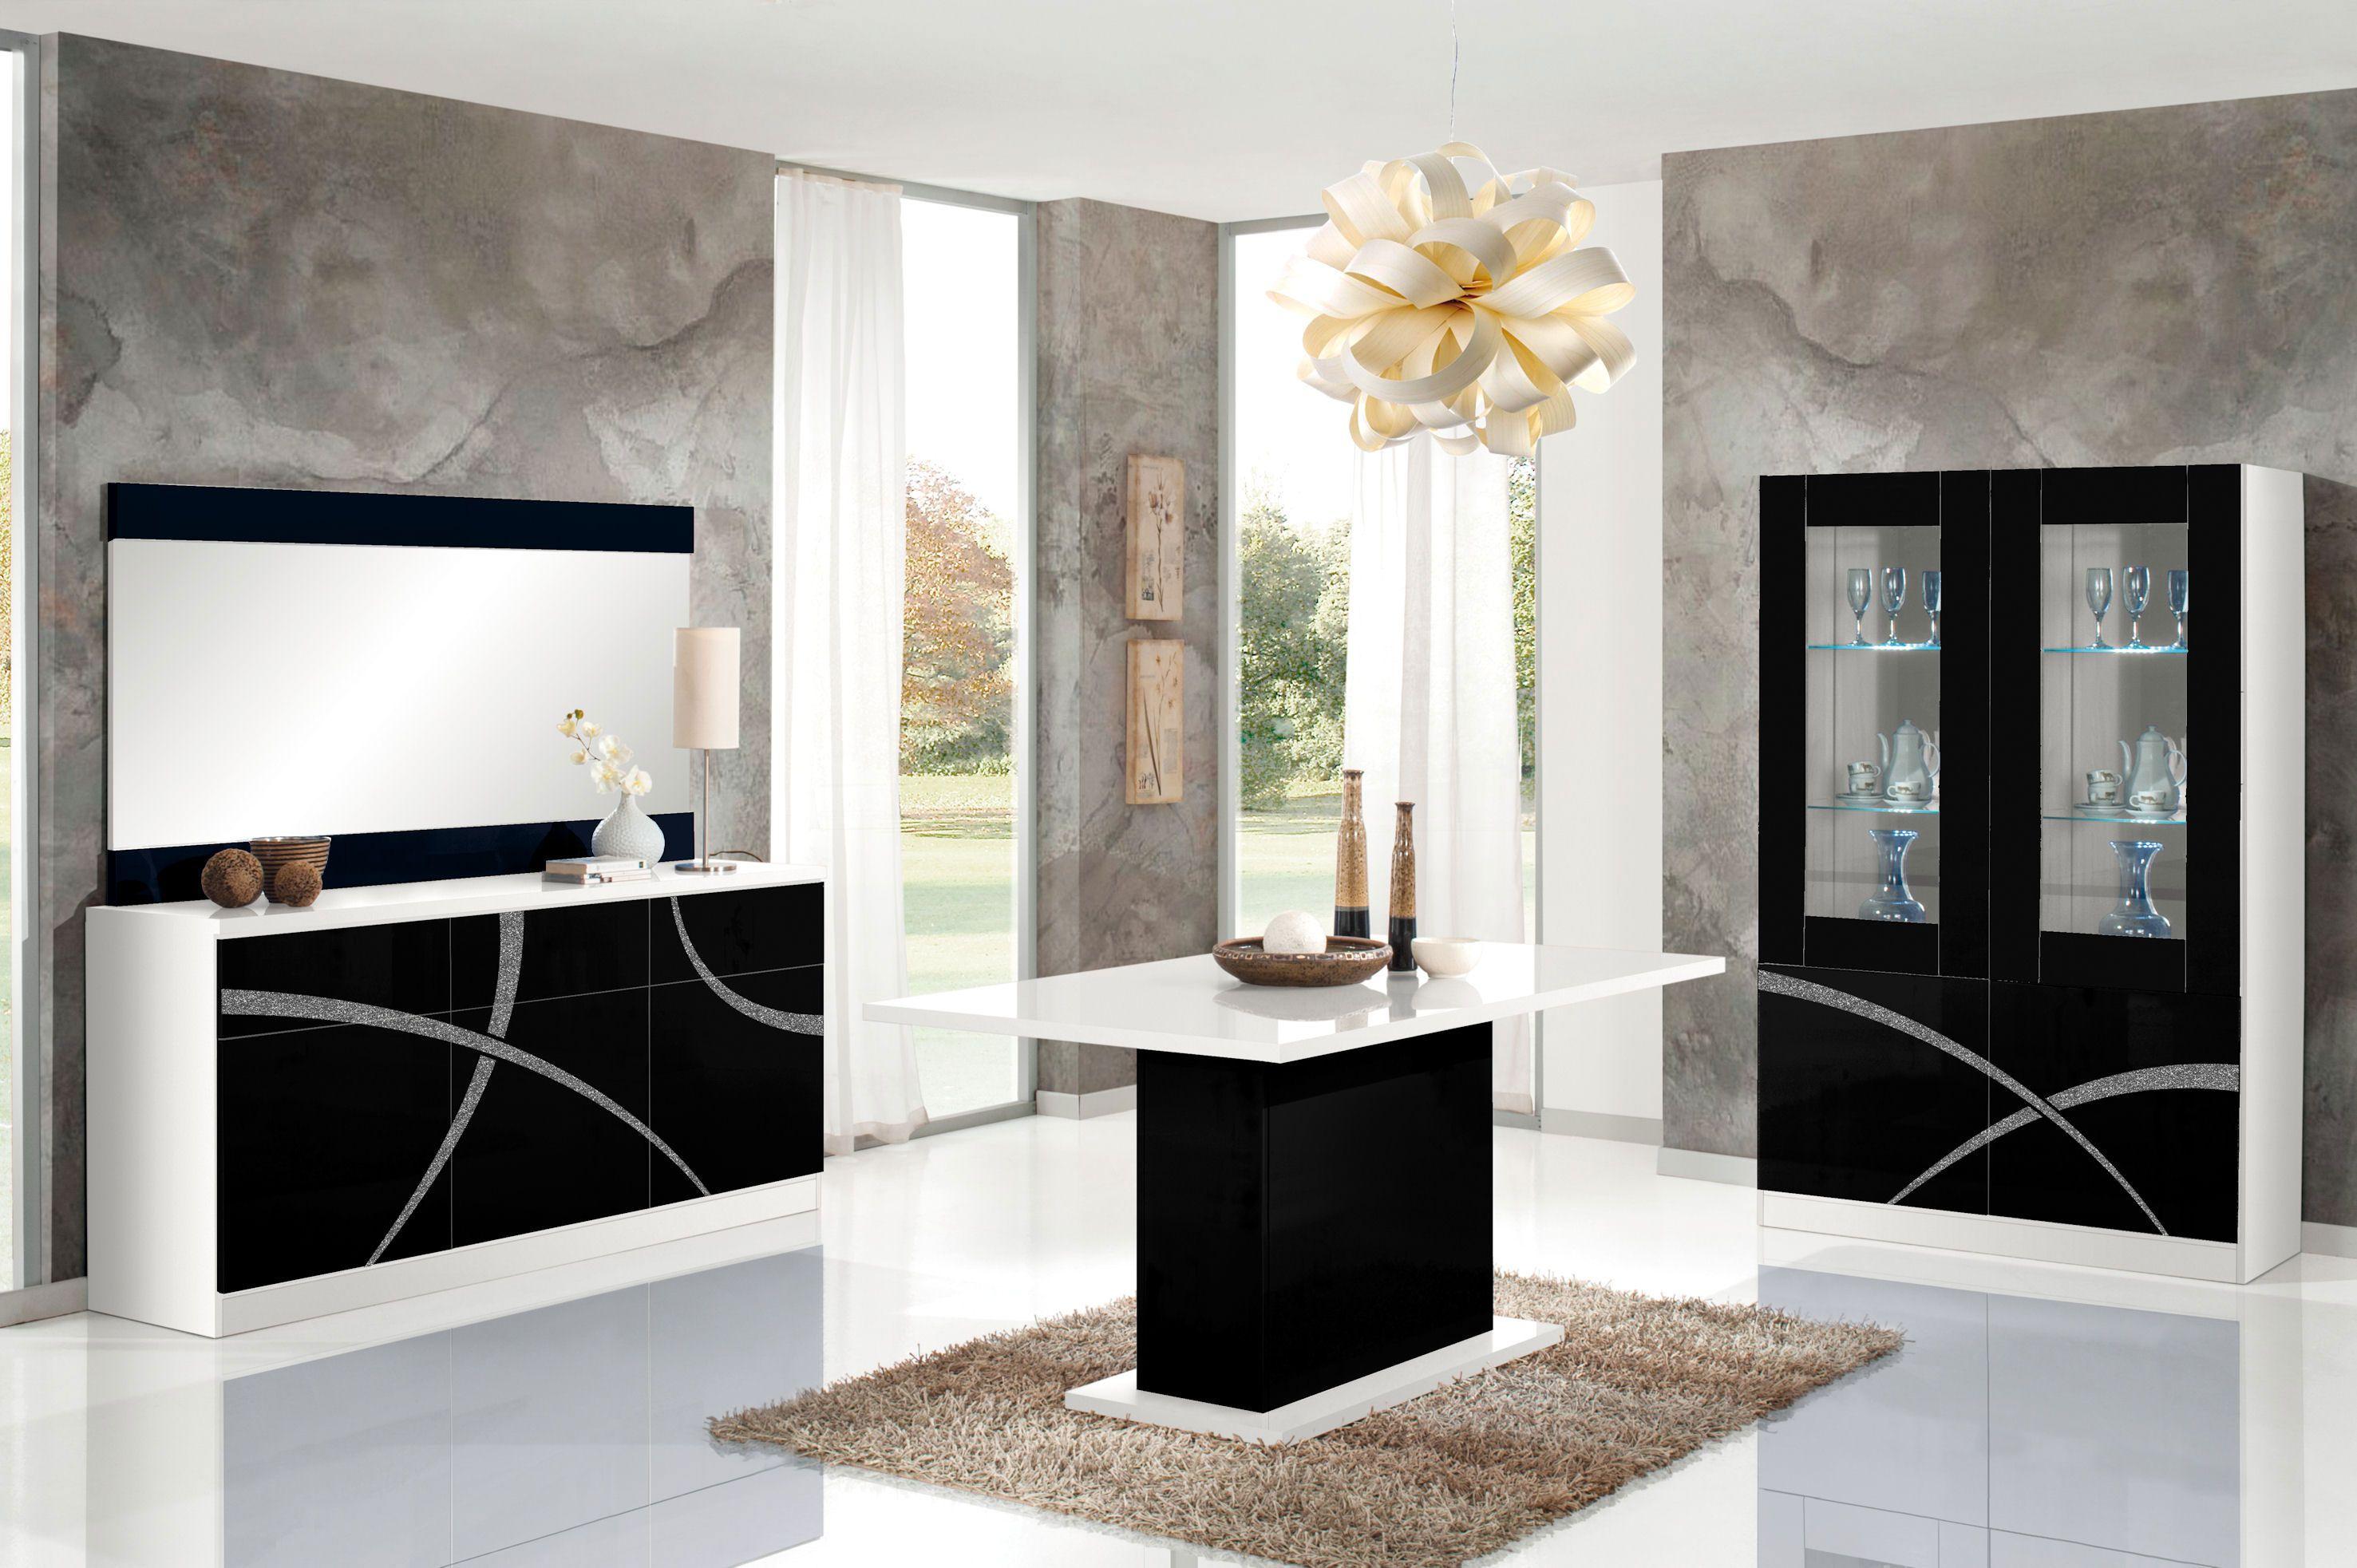 Salle Manger Noir Et Blanc Laqu Design Clairage Led Borgia  # Meuble Salle A Manger Blanc Laque